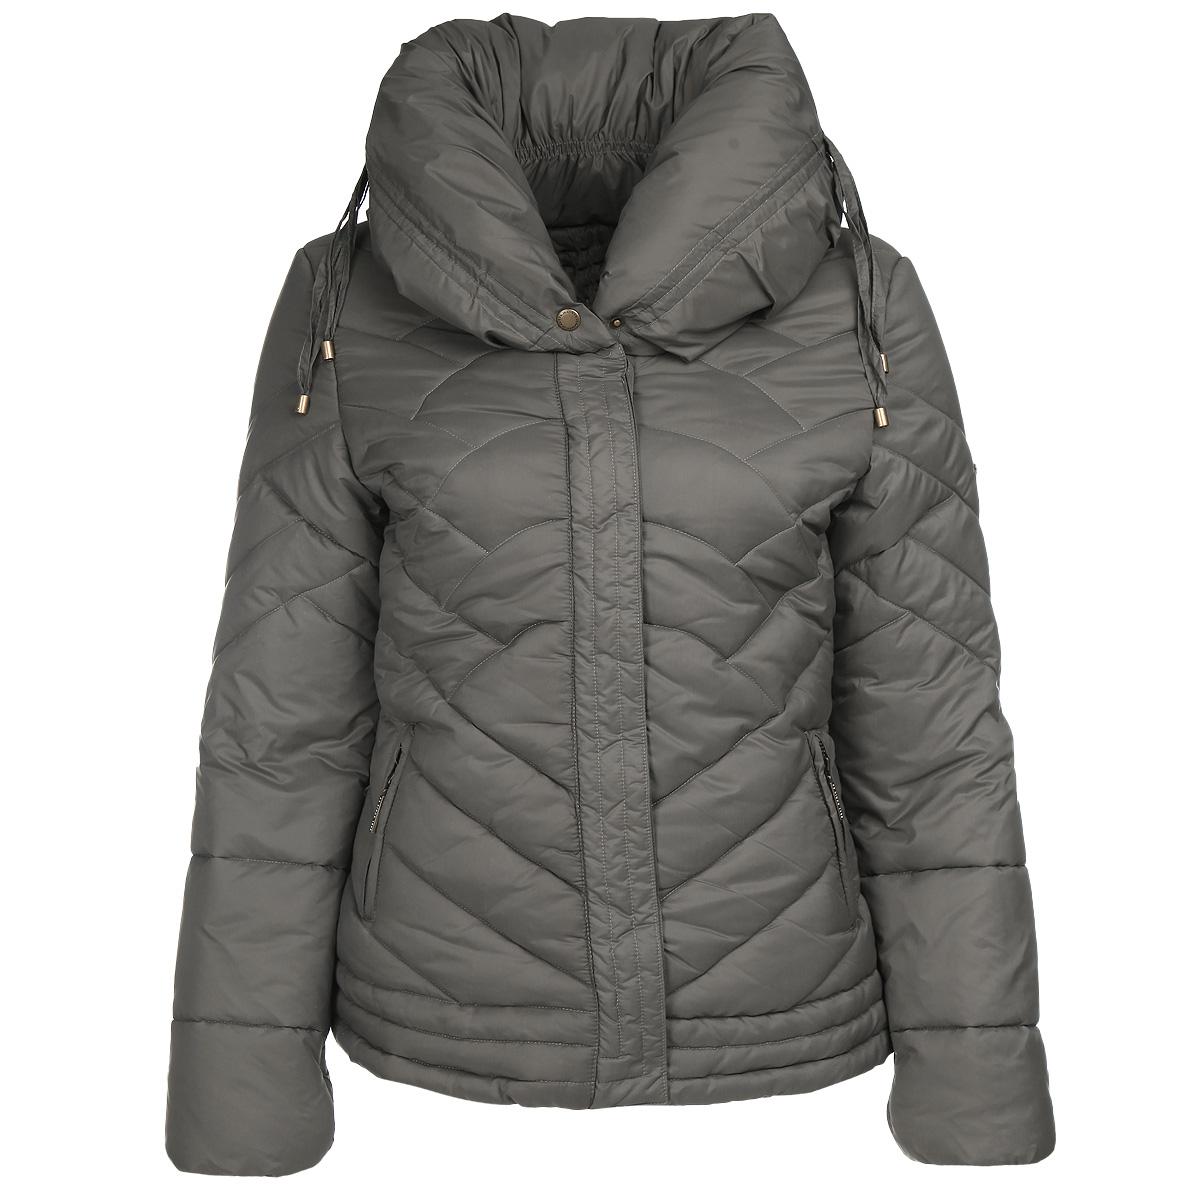 Куртка16854-1/DNУтепленная женская стеганая куртка F5 отлично подойдет для вашего демисезонного гардероба и сможет дополнить повседневный образ. Куртка имеет универсальный высококачественный утеплитель Silk Floss, обладающий высокими теплоизоляционными свойствами и хорошей воздухопроницаемостью. Модель прямого кроя с объемным воротником-стойкой на кулиске застегивается на пластиковую молнию и дополнительно оснащена ветрозащитным клапаном на кнопках. Спереди куртка дополнена двумя втачными карманами на молниях. На внутренней стороне предусмотрено два вшитых кармана на молниях. Манжеты собраны на резинку. По низу изделия предусмотрена эластичная кулиска, защищающая от продувания. В такой легкой и теплой куртке прогулки на свежем воздухе станут еще приятнее. Модель отлично впишется в гардероб активной и модной девушки.